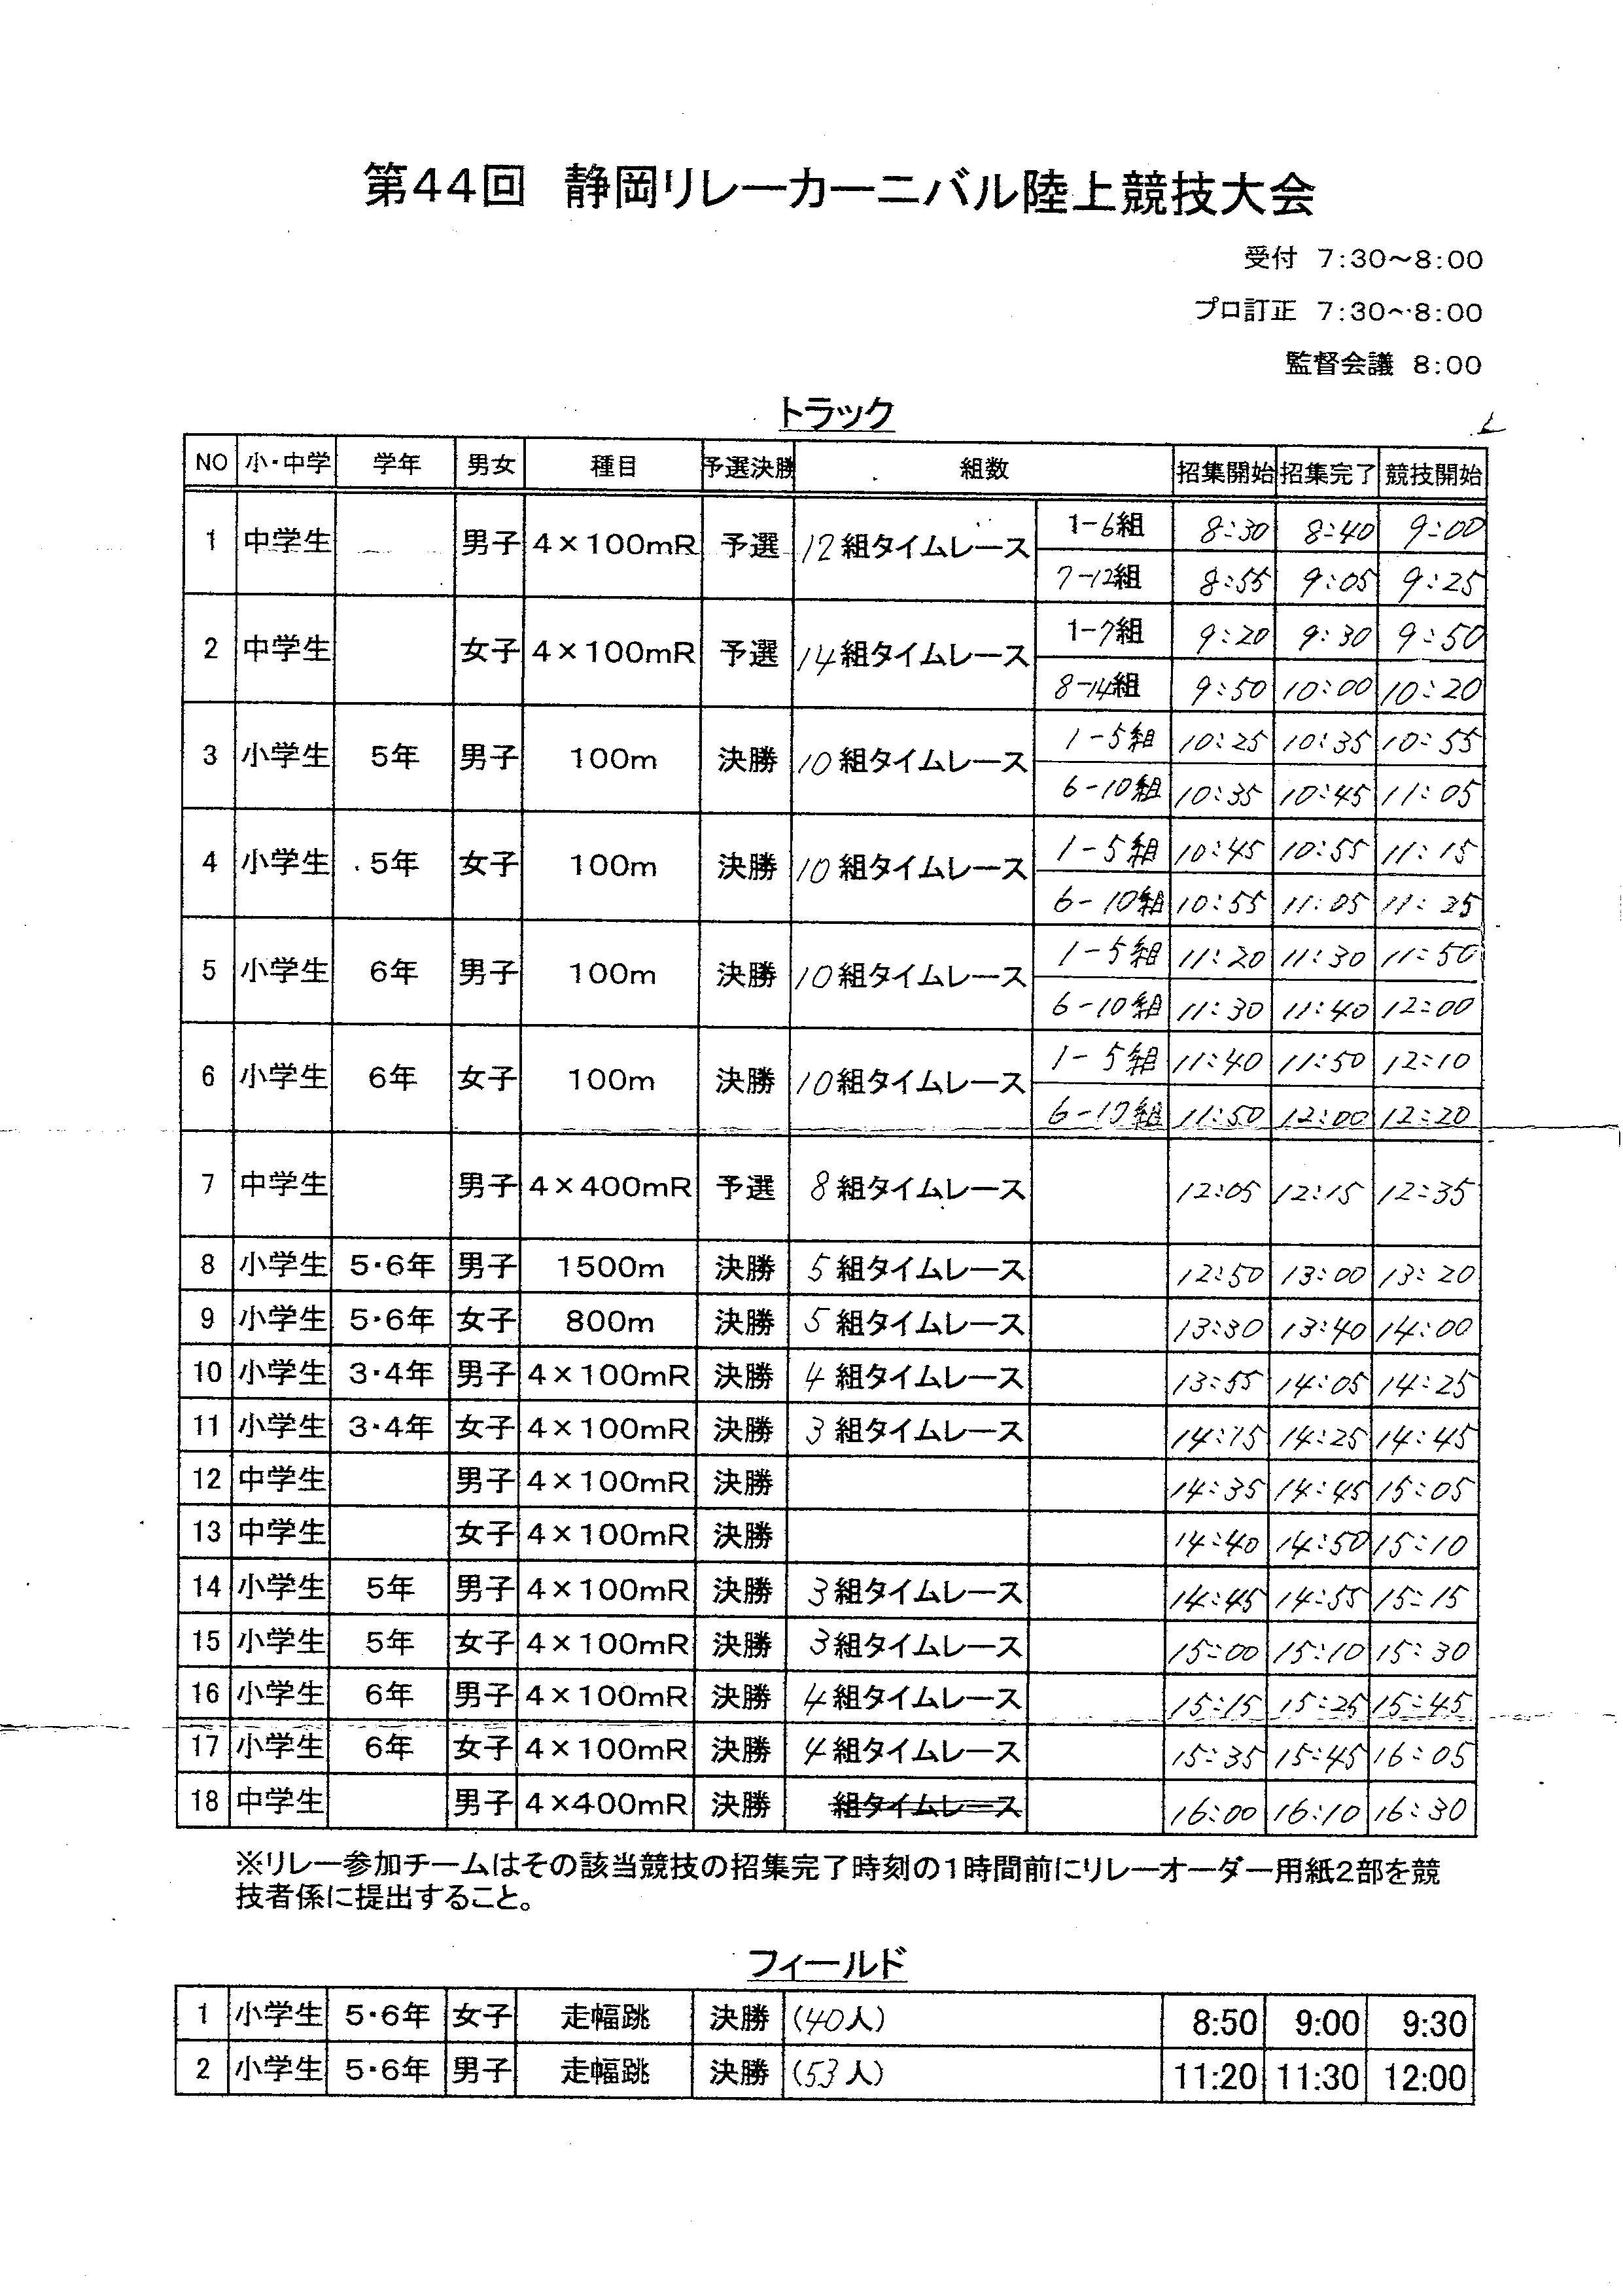 20150426rire-ka 1